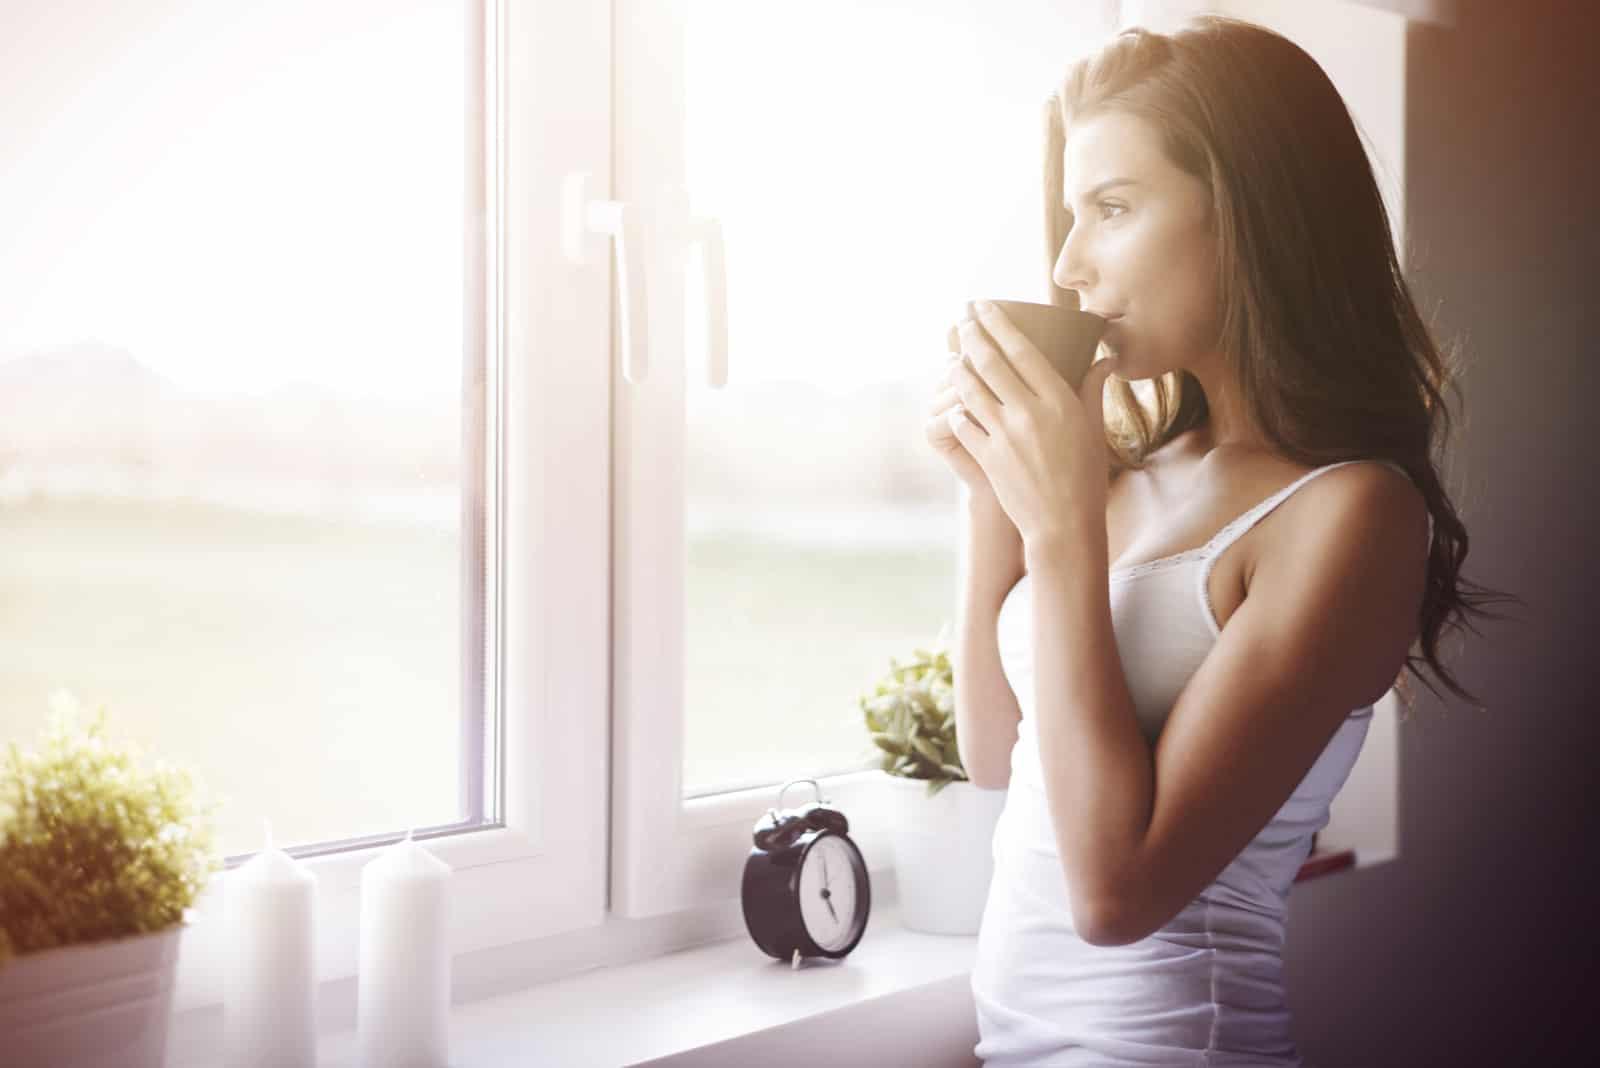 belle femme buvant du café près de la fenêtre